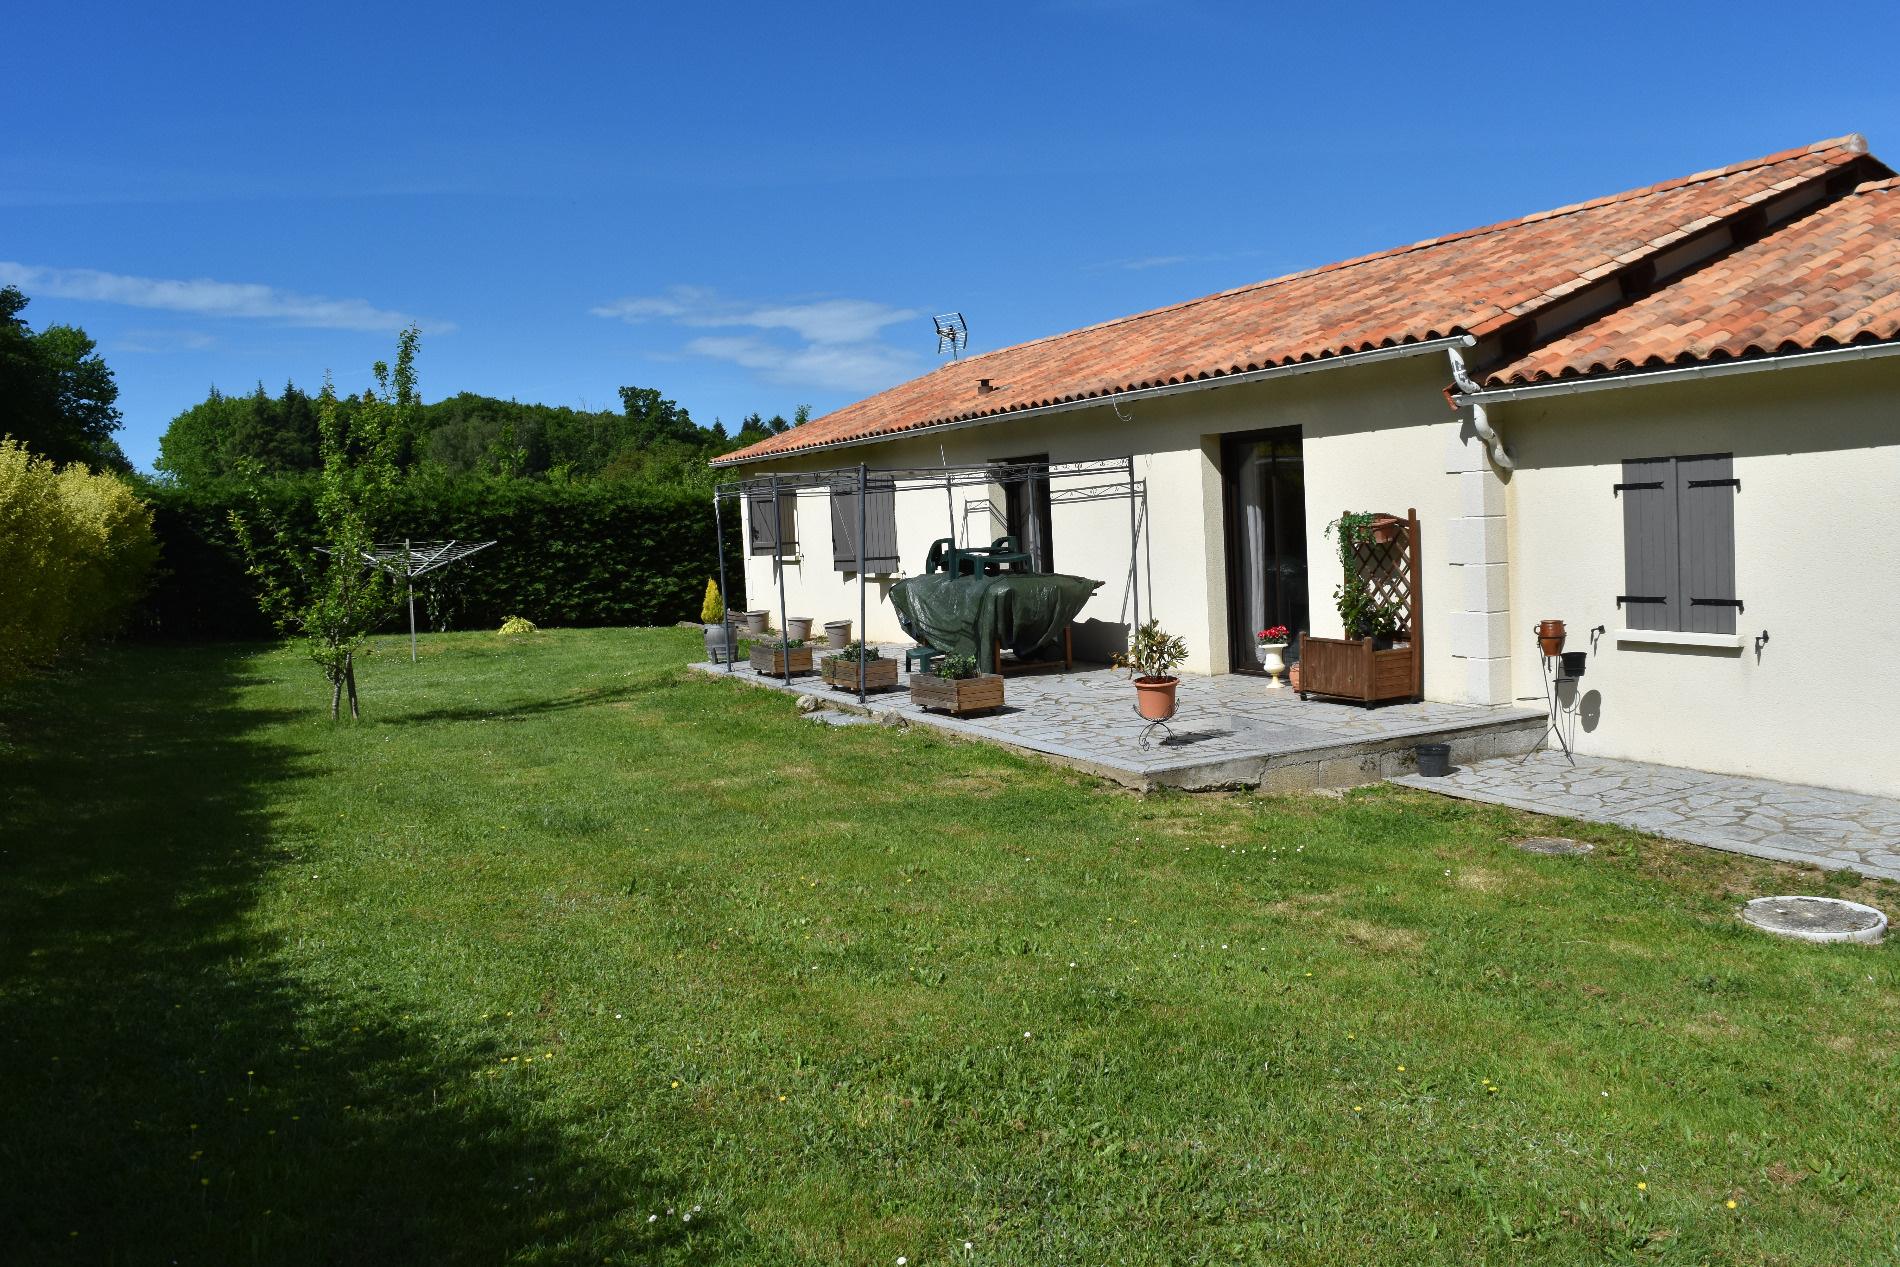 Achat maison t5 st estephe anb immobilier for Achat maison yvrac